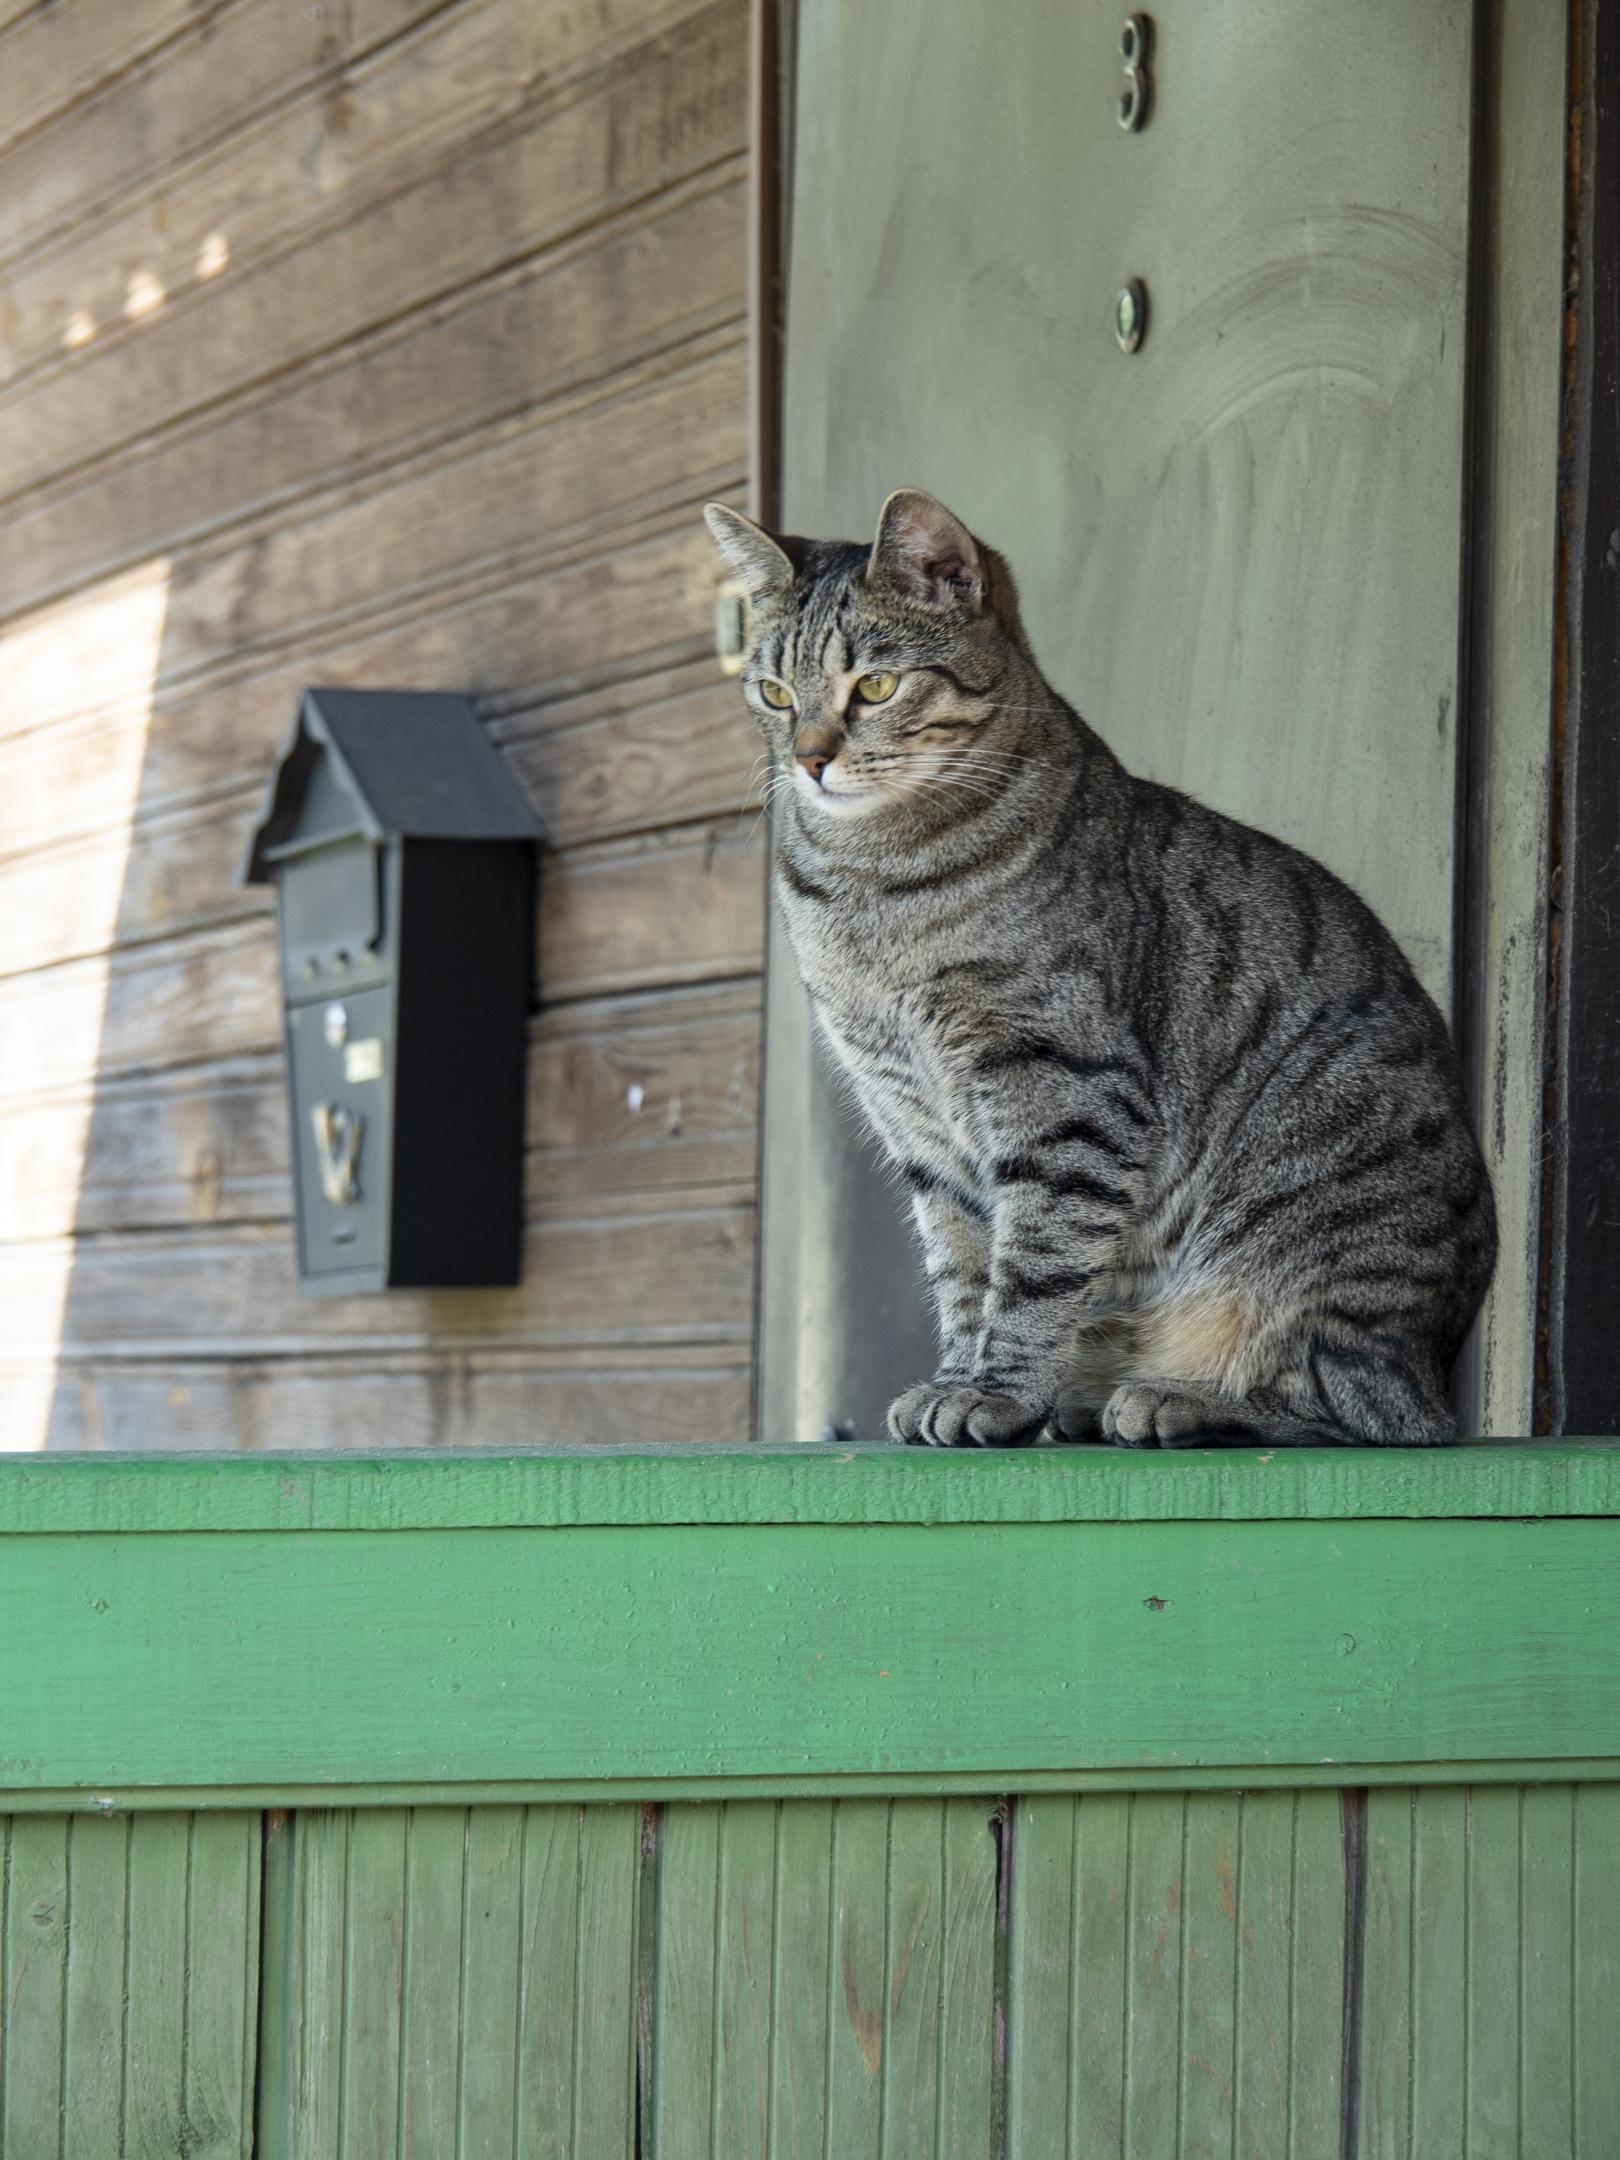 Фотографии котиков из Тверской области набирают популярность в интернете